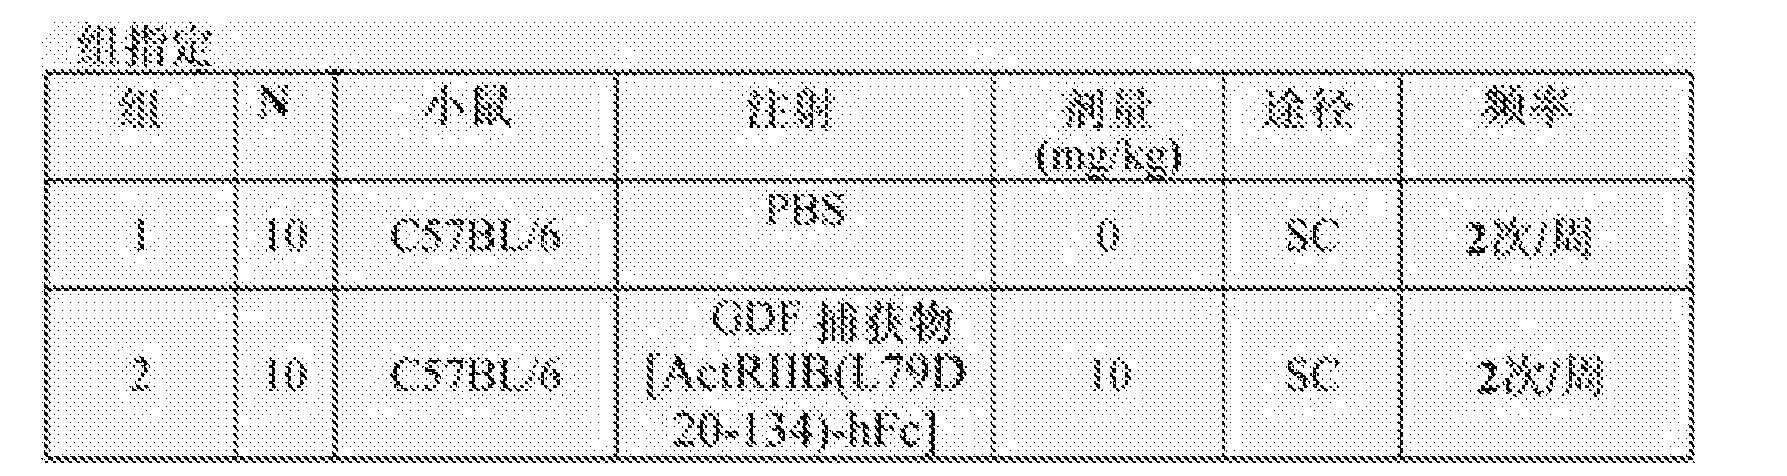 Figure CN103987403BD00511